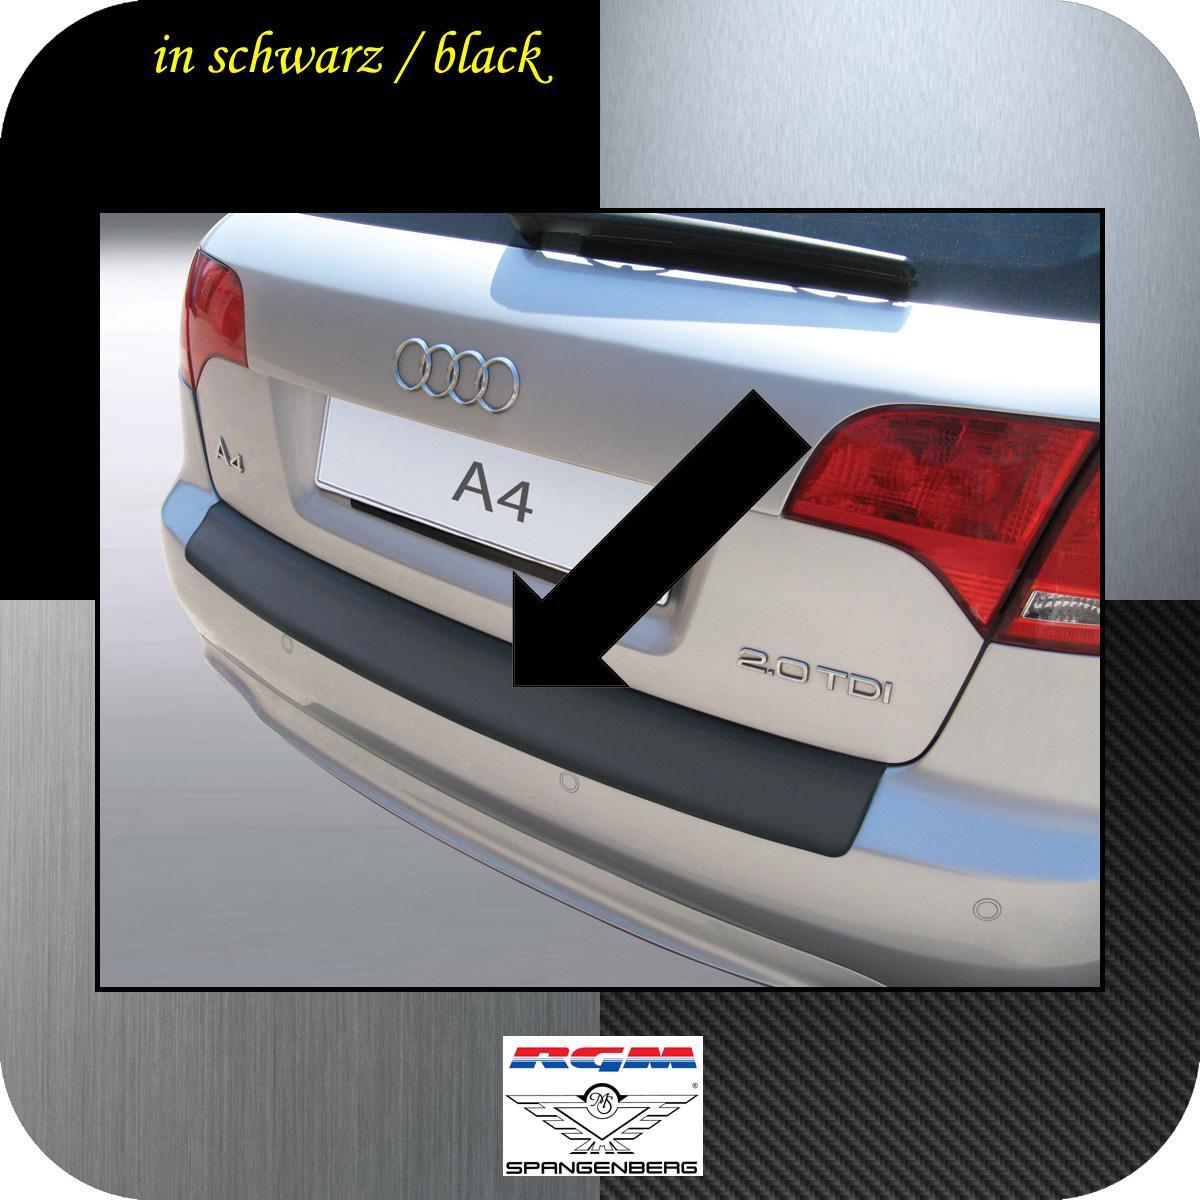 Ladekantenschutz schwarz Audi A4 B7 Avant Kombi auch S-Line 2004-08 3500462